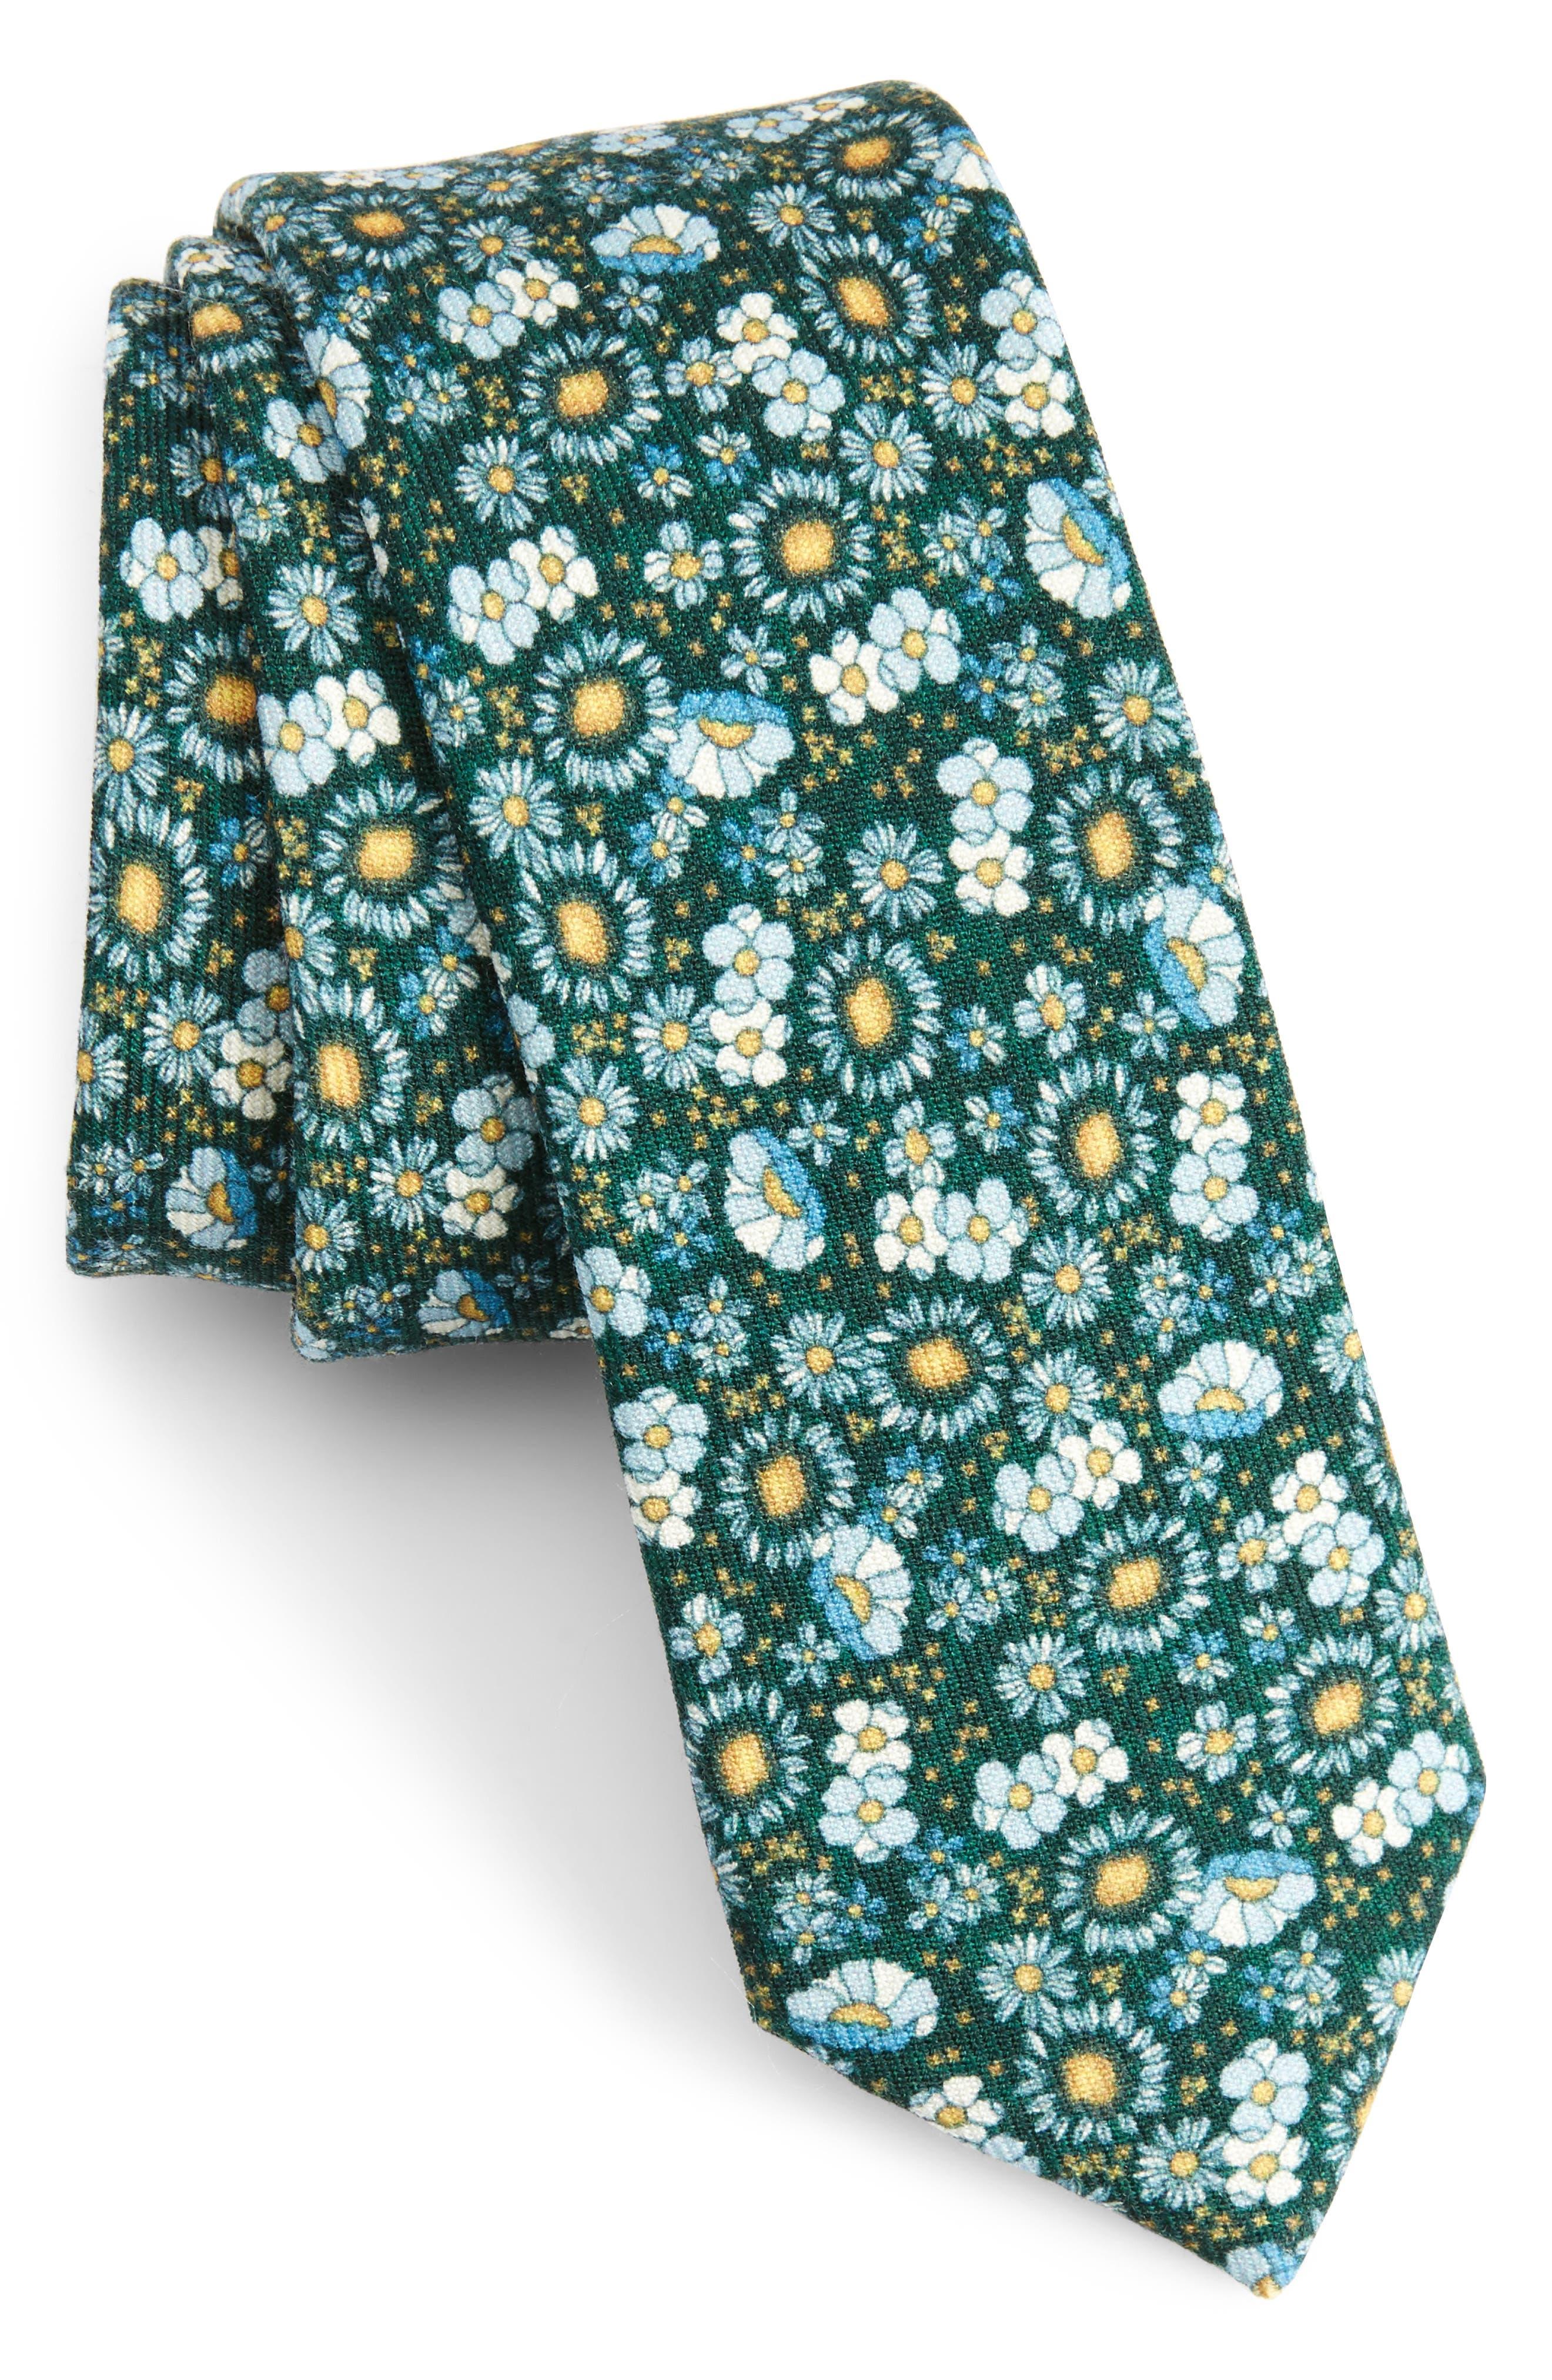 Alternate Image 1 Selected - The Tie Bar Flower City Wool Skinny Tie